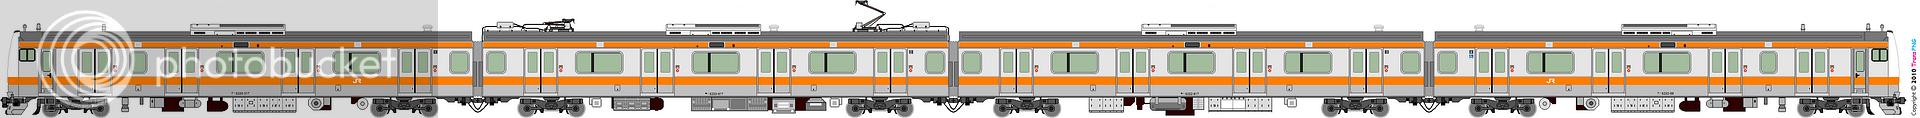 [5503] 東日本旅客鉄道 1903